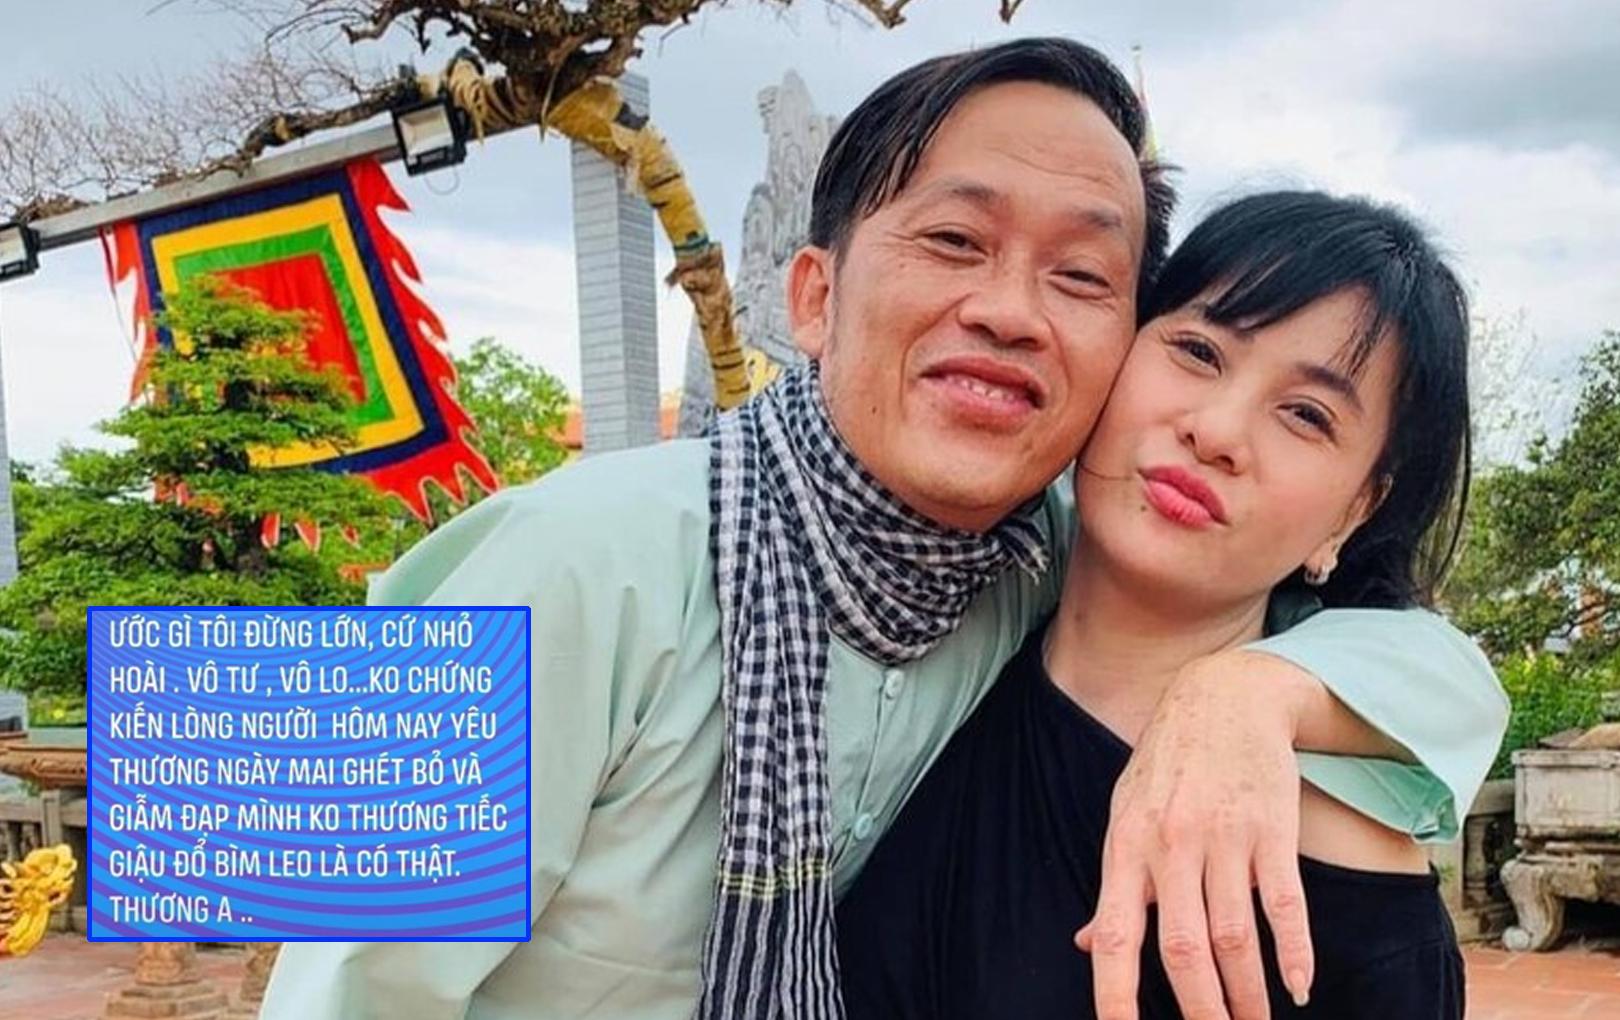 """Sau Nam Thư, Cát Phượng là người tiếp theo cho """"bay màu"""" bài viết bảo vệ NS Hoài Linh giữa lùm xùm tiền từ thiện"""